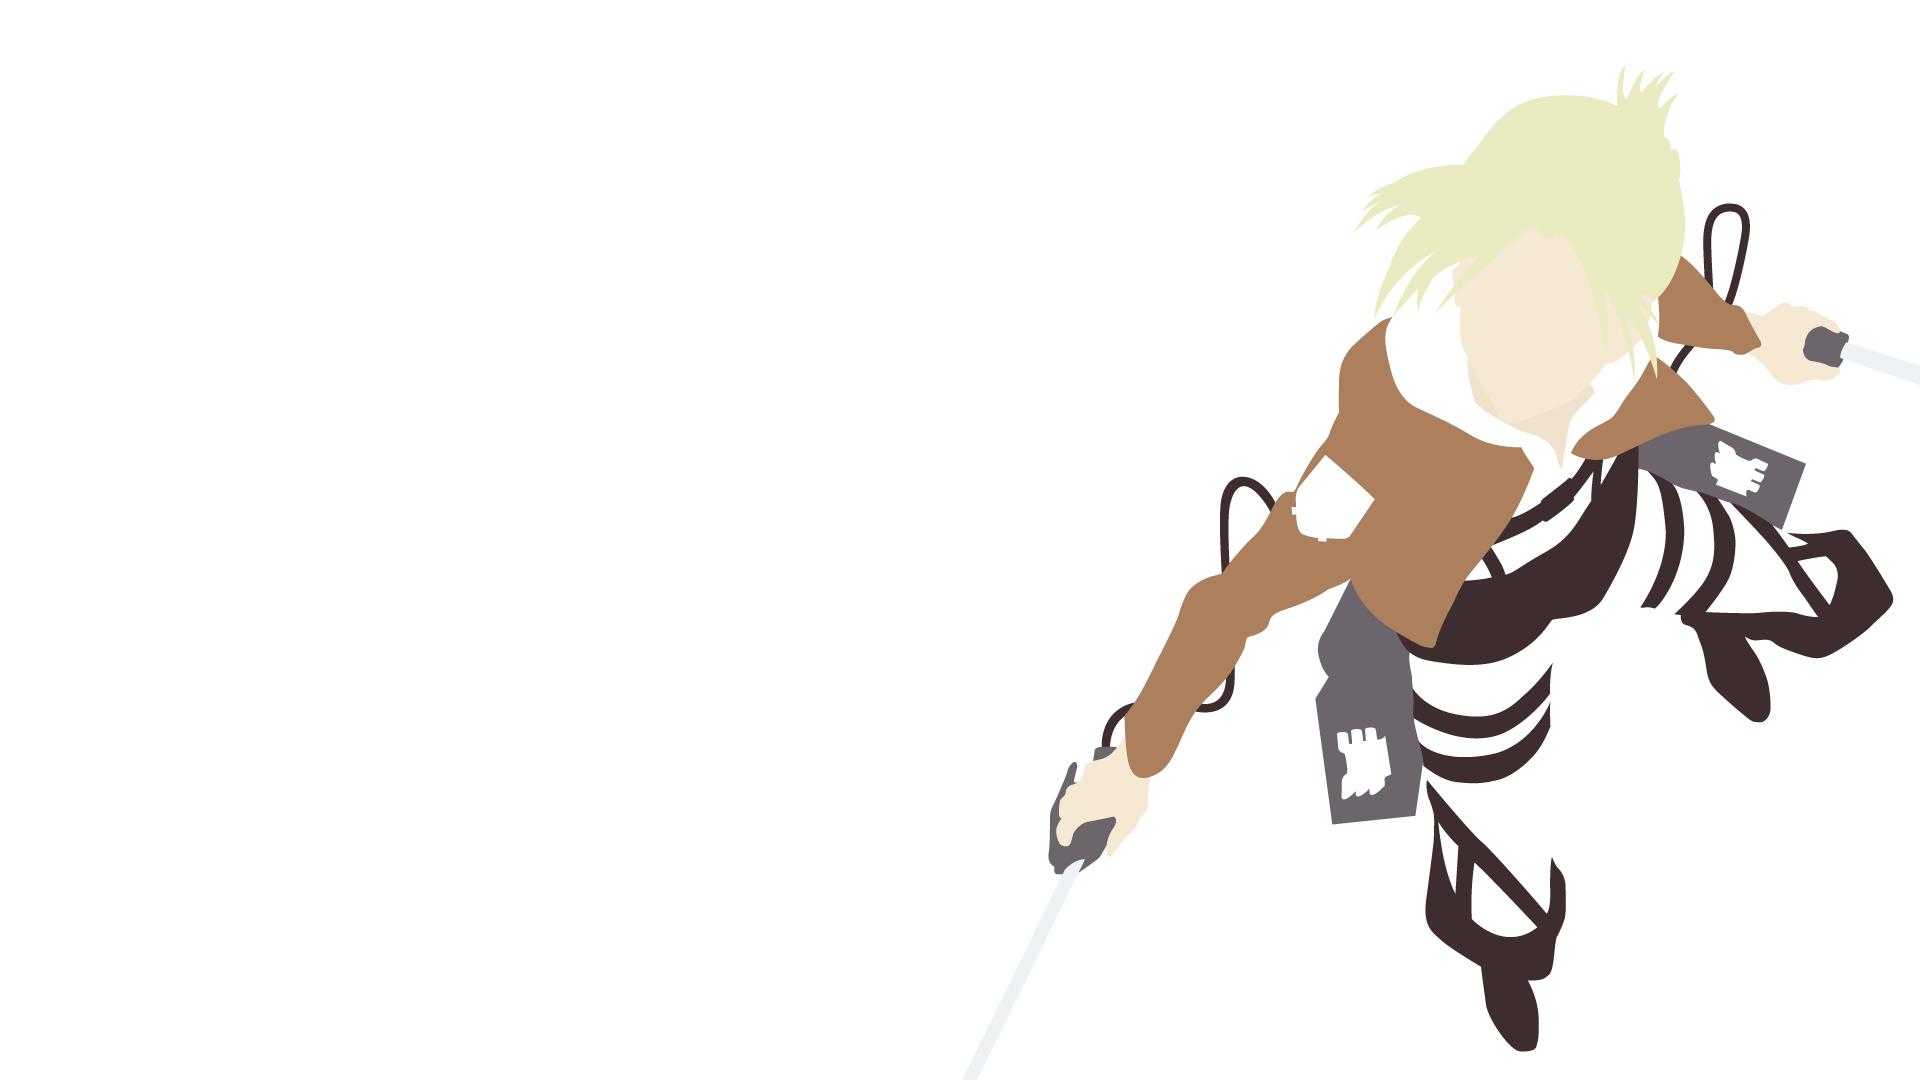 A Bag Of Attack On Titan Wallpapers Ã'¢ãƒ‹ãƒ¬ã'ªãƒ³ãƒãƒ¼ãƒˆ Ã'¢ãƒ‹ãƒ¡ãƒ¼ã'·ãƒ§ãƒ³ Ã'¢ãƒ‹ãƒ¡